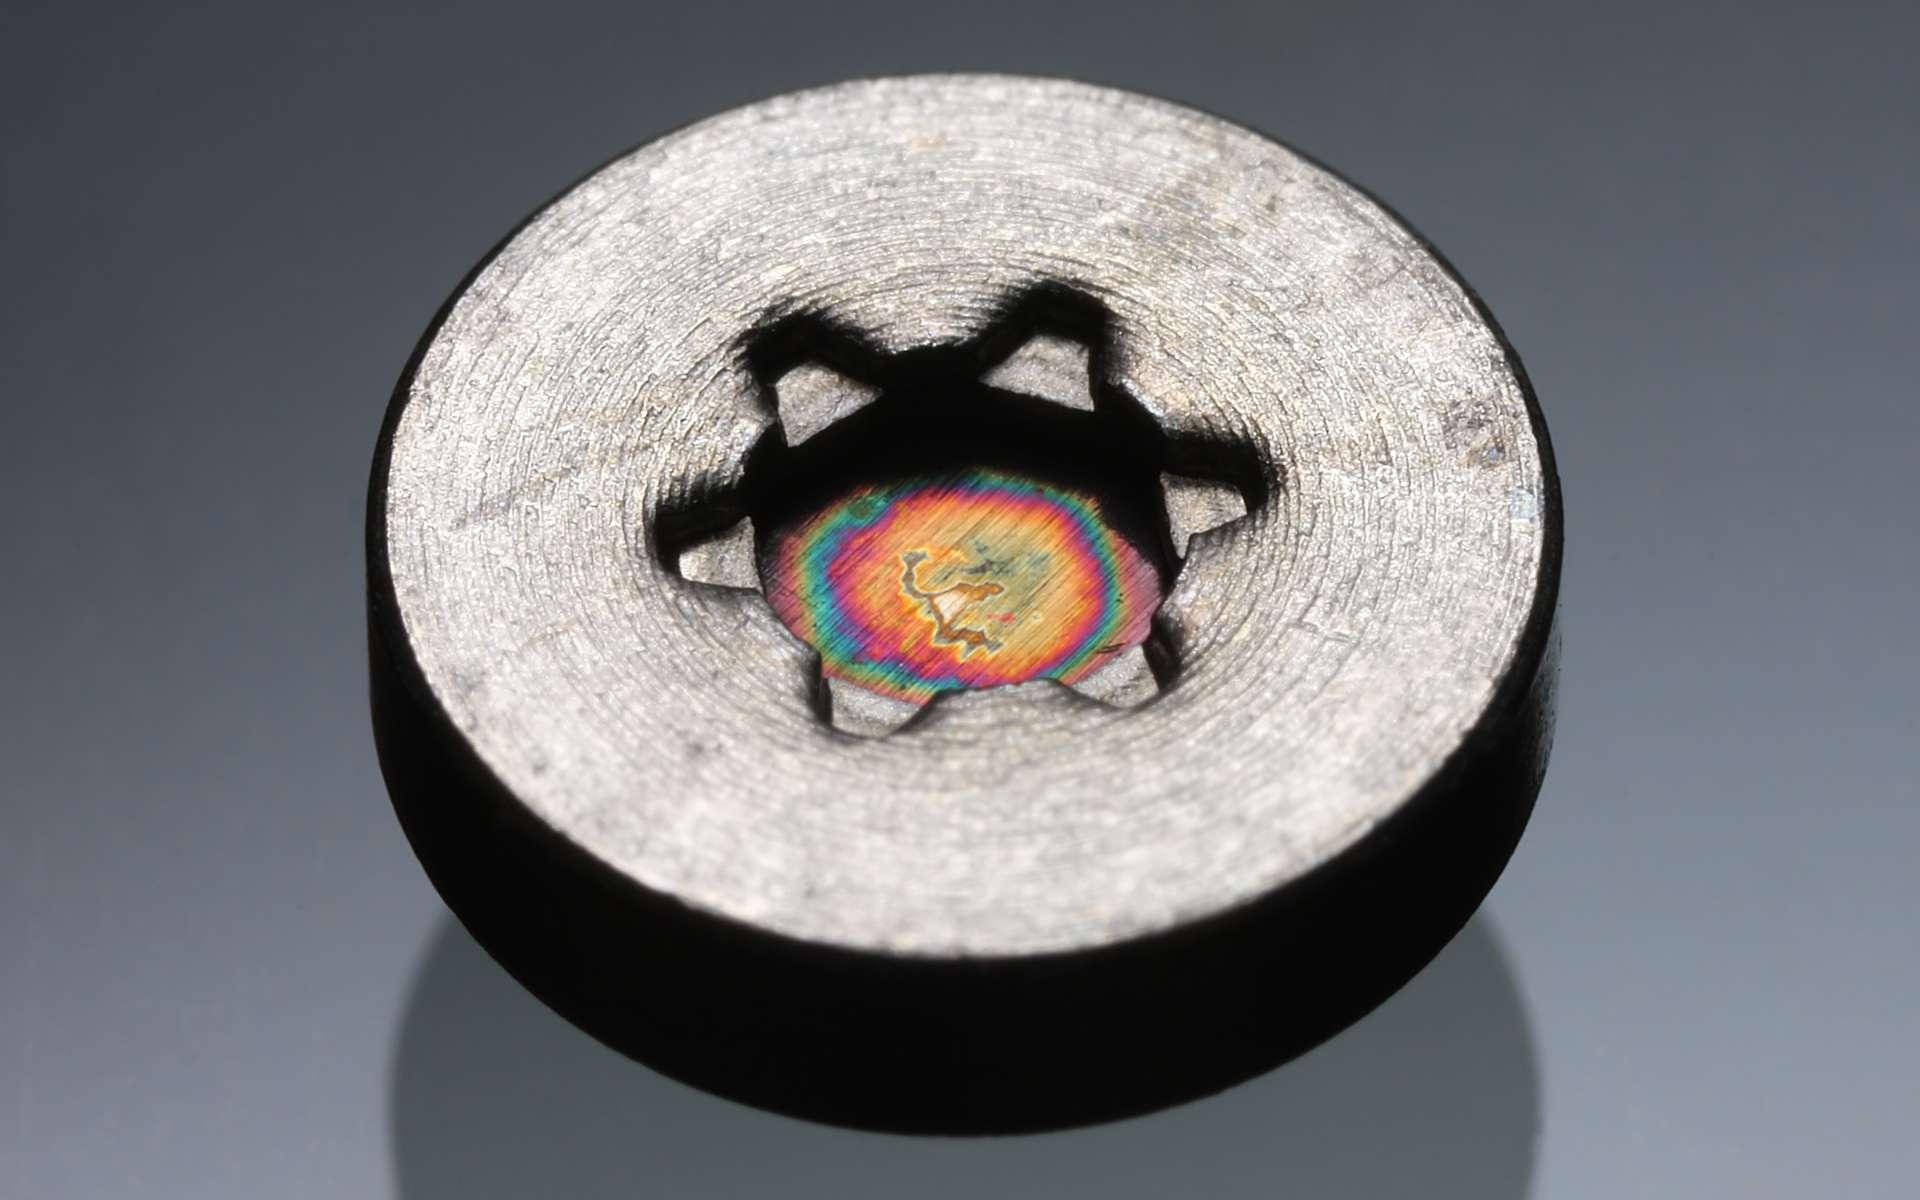 L'américium est un élément hautement radioactif considéré comme un déchet nucléaire. © Andrew Magill, Flickr, CC by 2.0